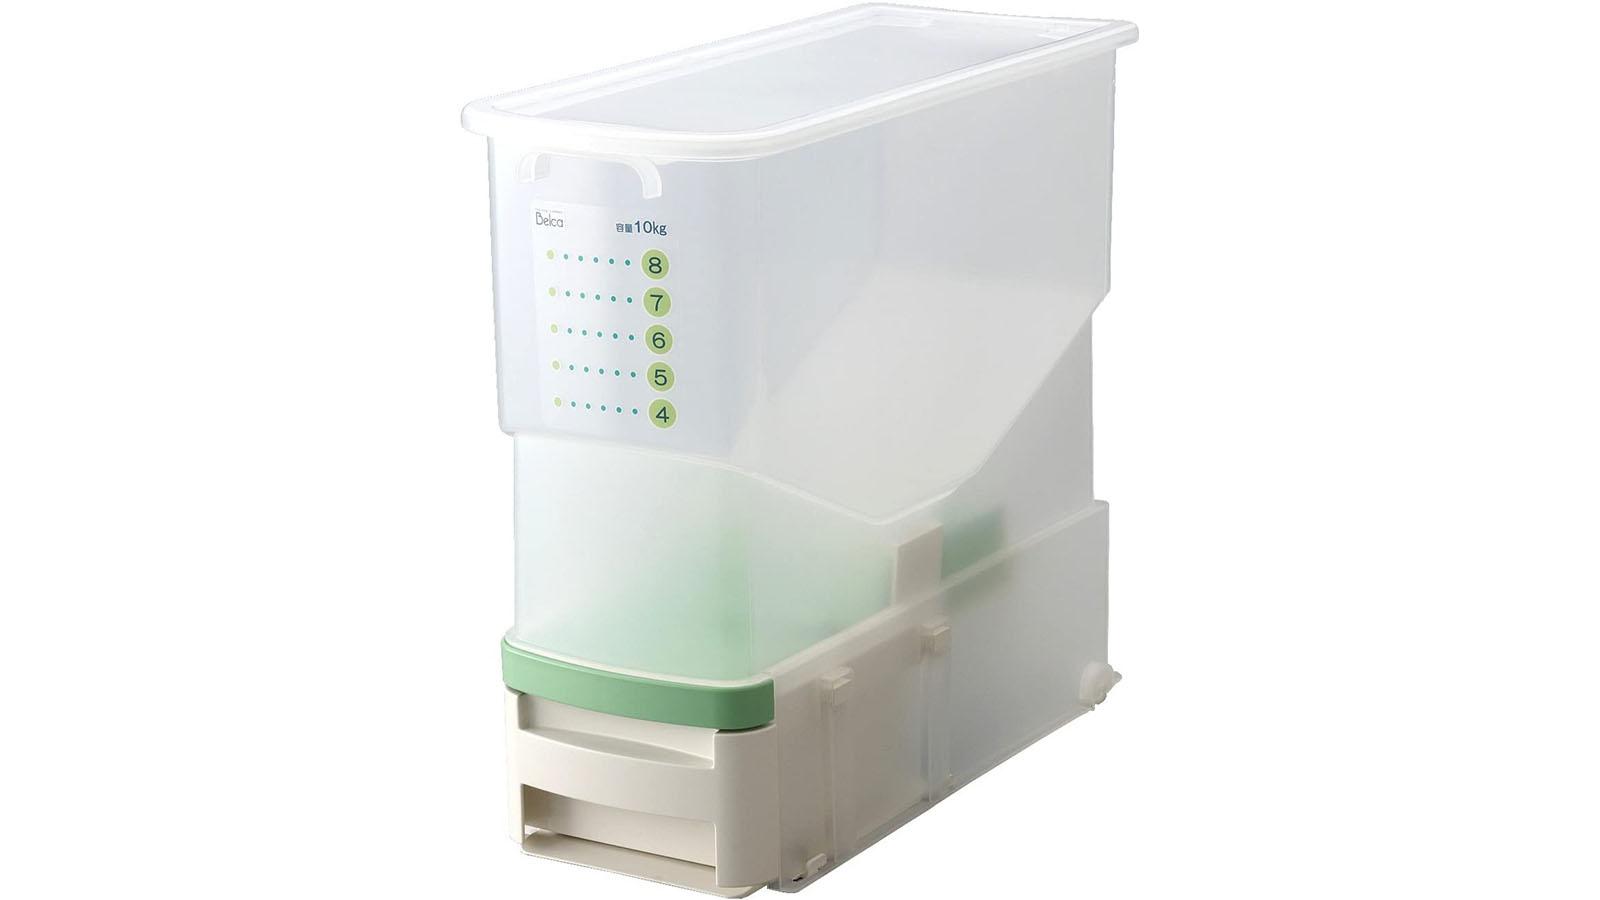 丸洗い可能で計量機能つきのスッキリ収納できる米びつ